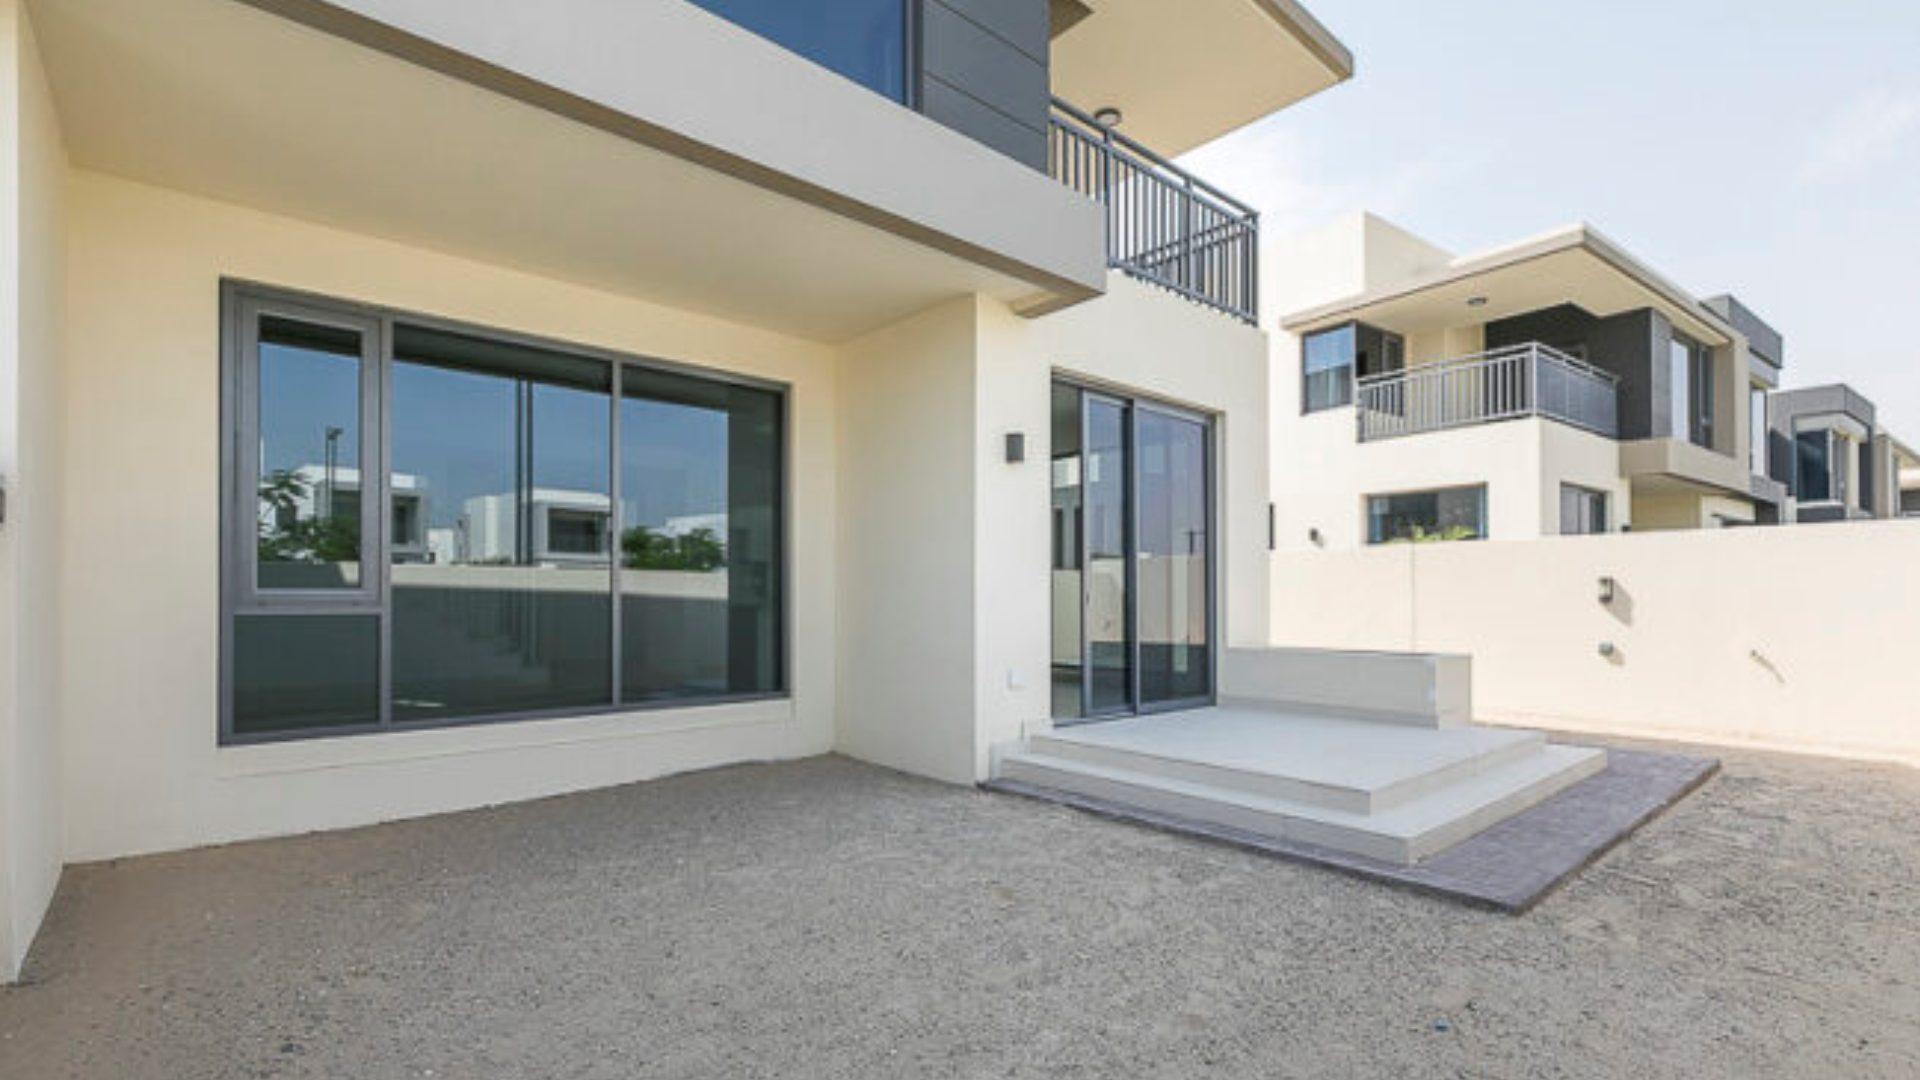 Adosado en venta en Dubai, EAU, 3 dormitorios, 211 m2, № 24137 – foto 5